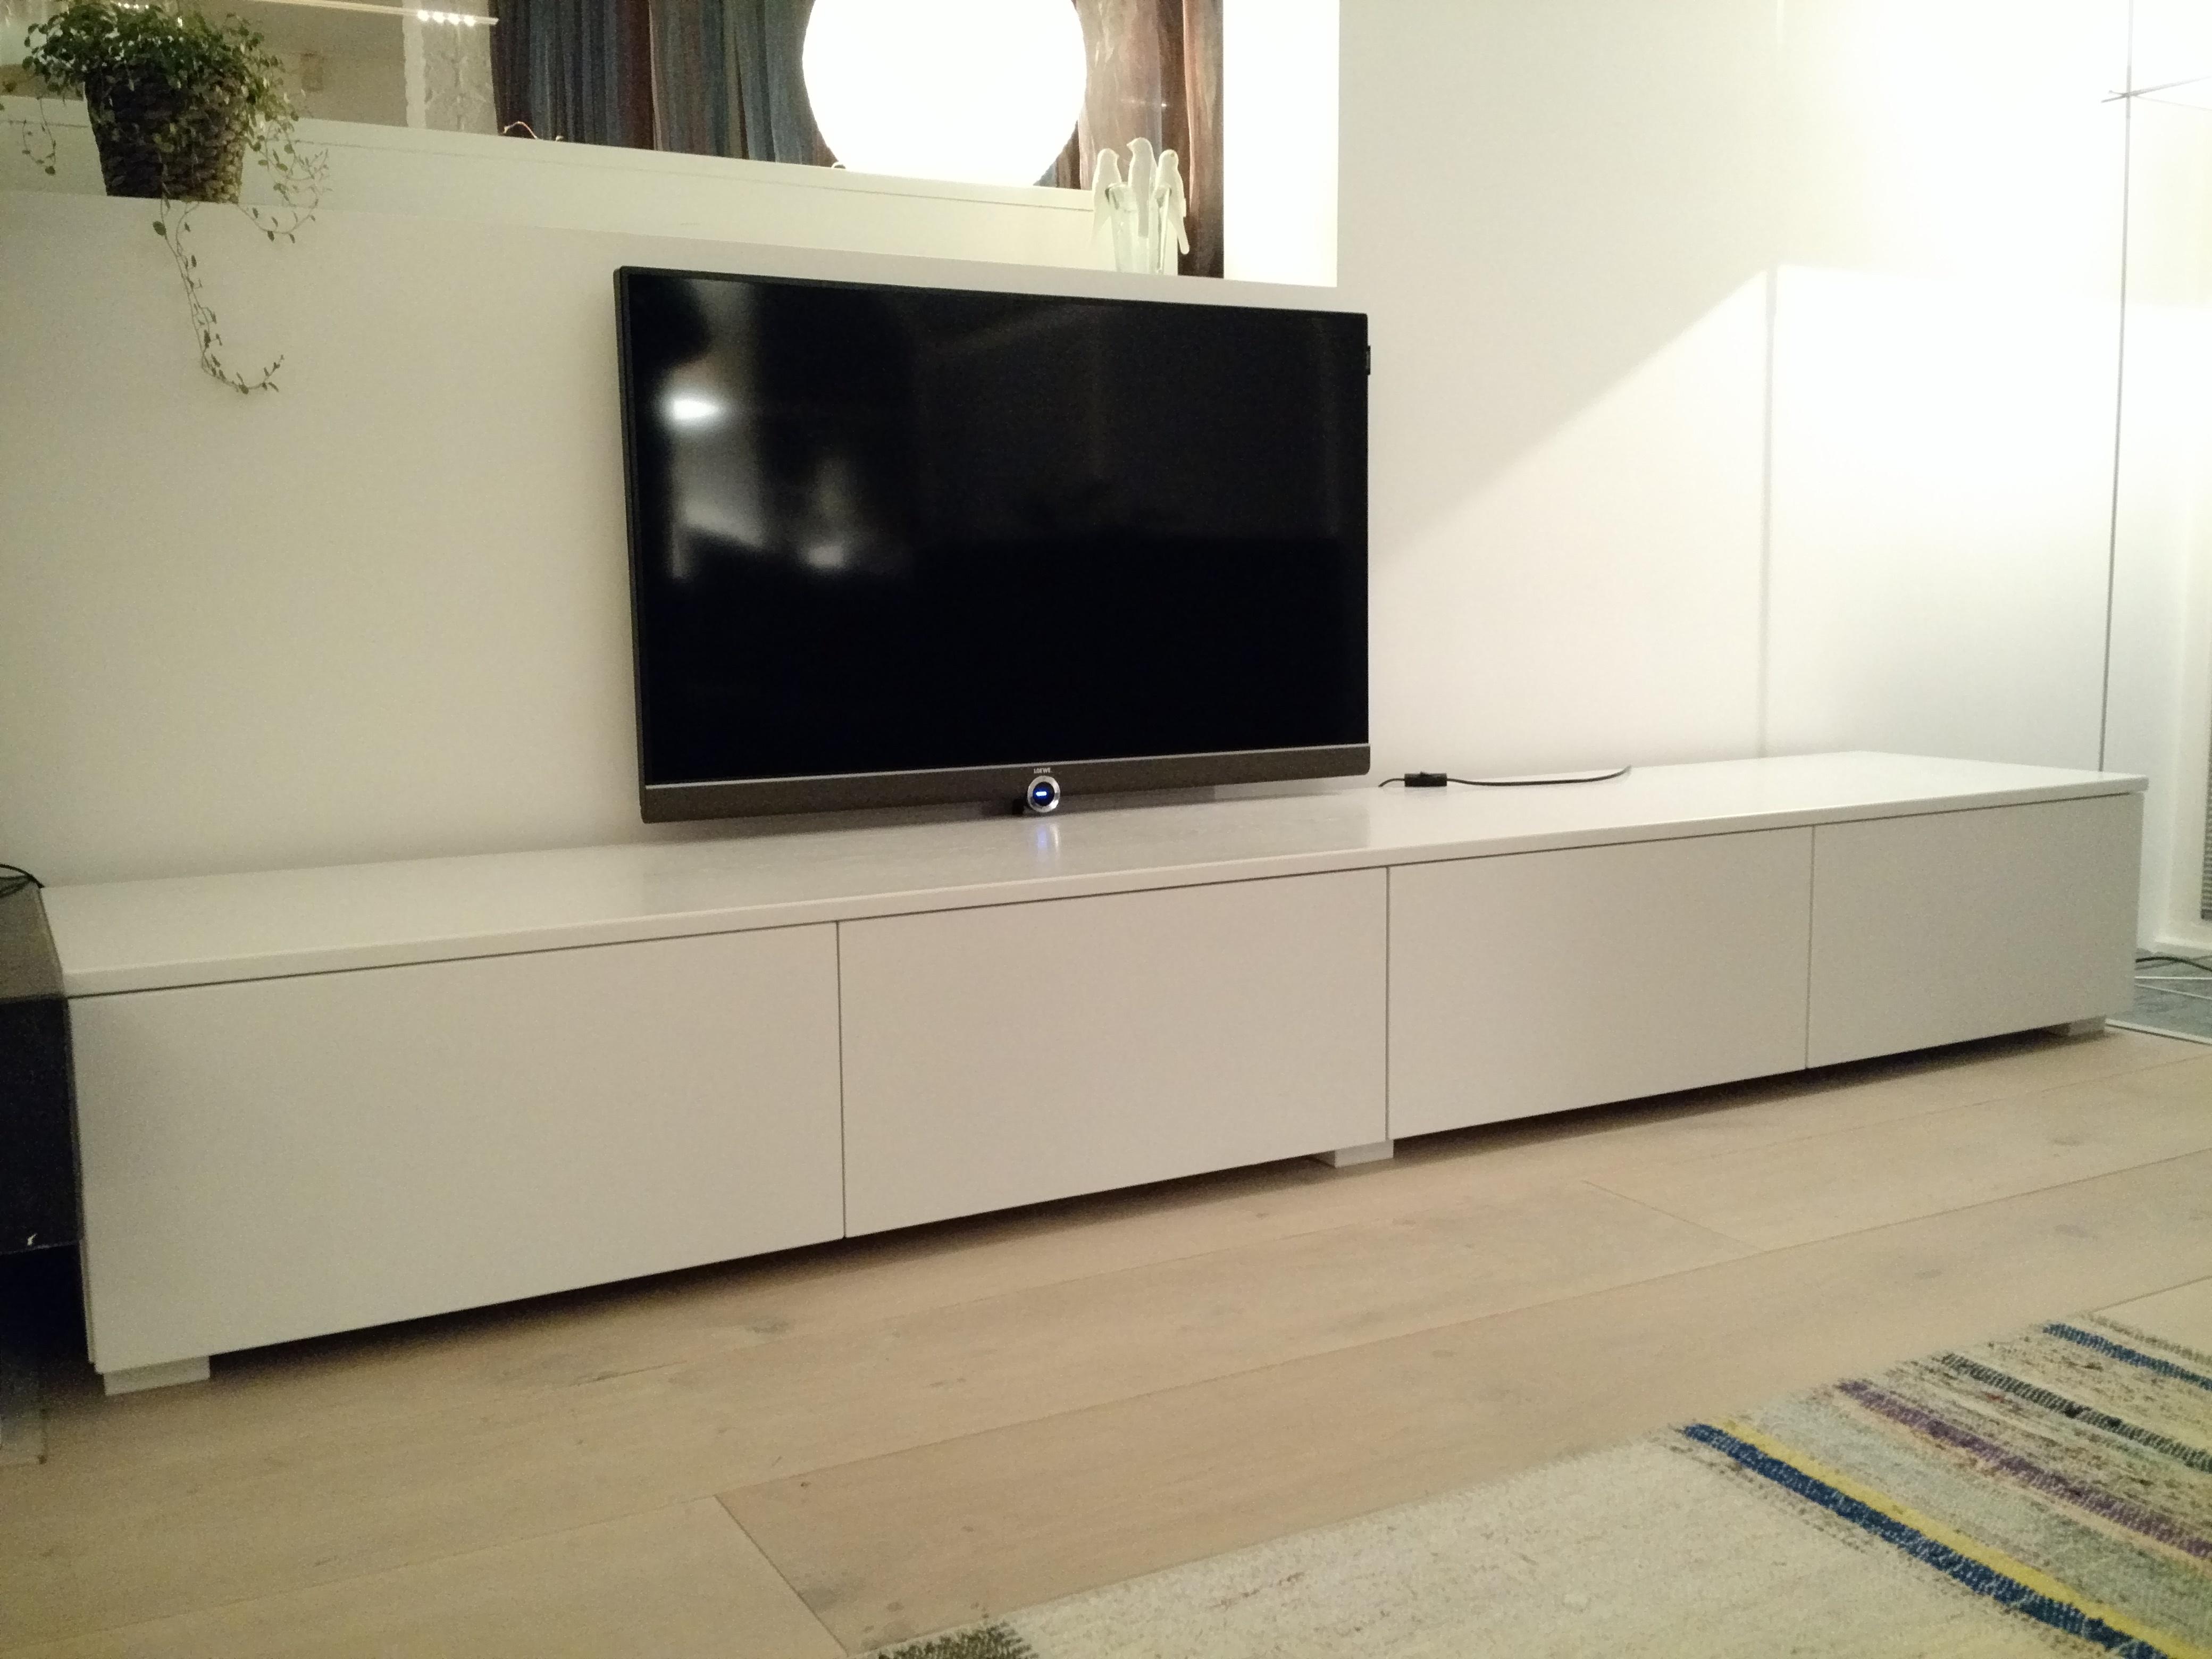 Witte Tv Meubel : Wonen kasten tv meubelen karat wit hoogglans tv meubel